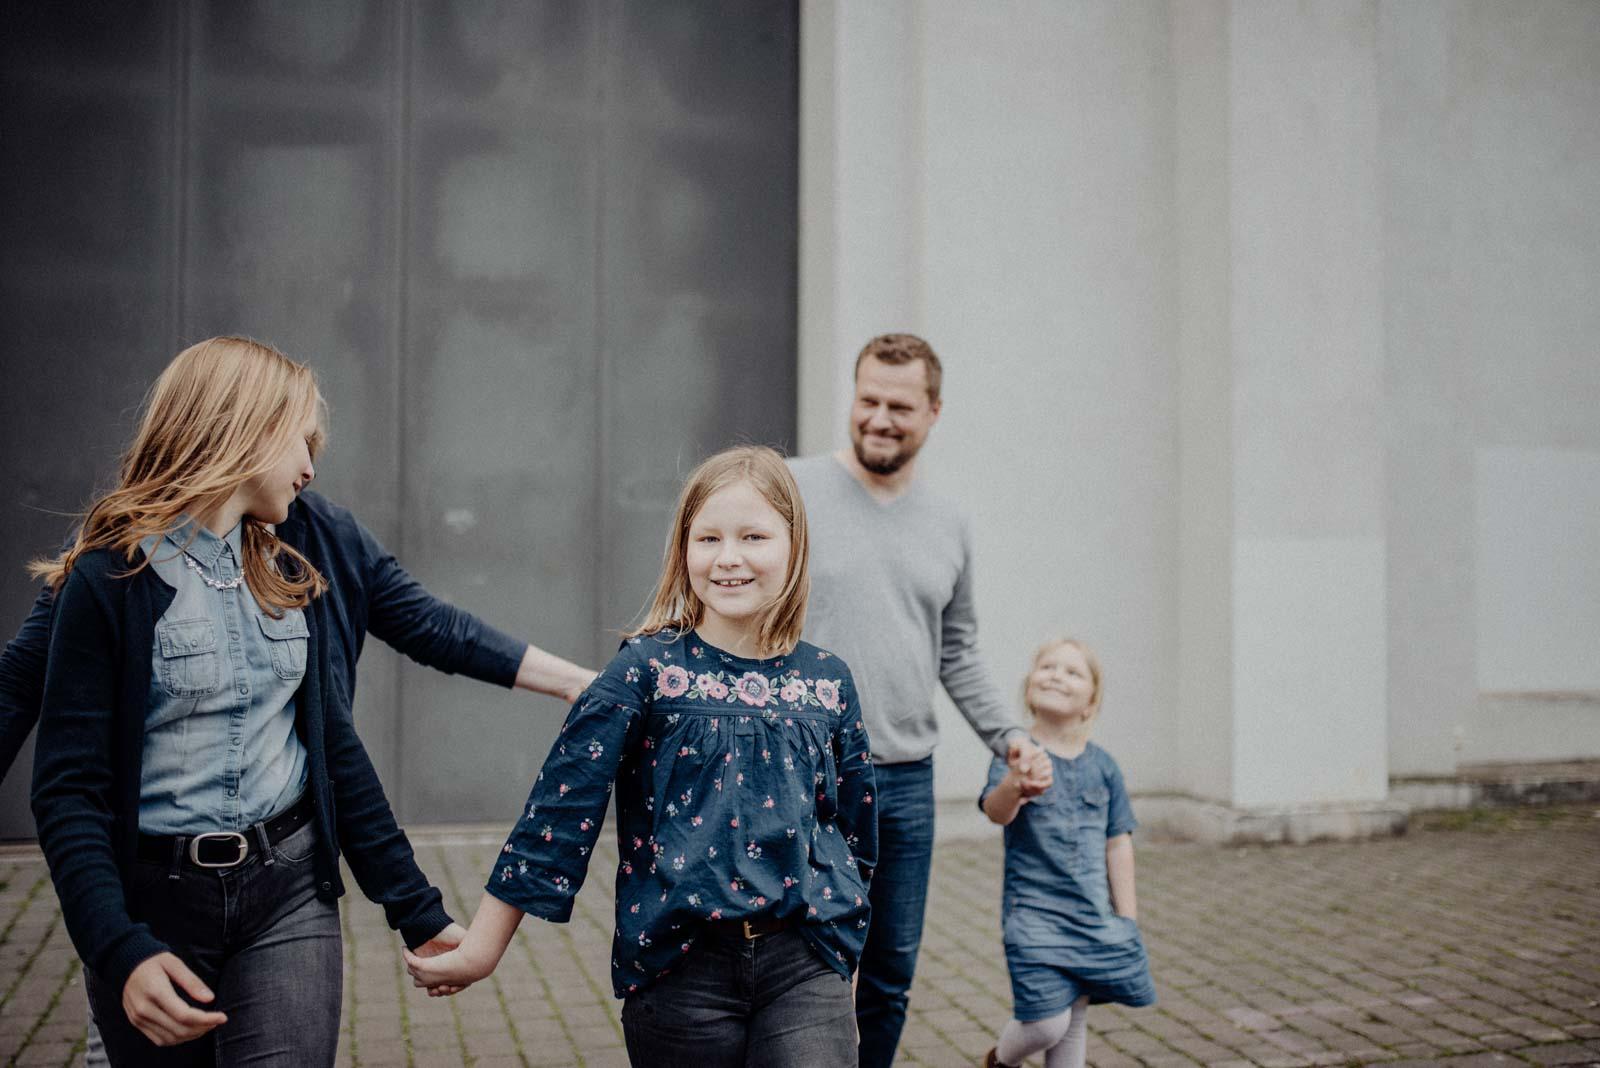 024-ungestellte-familienfotos-familienshooting-bochum-industrie-jahrhunderthalle